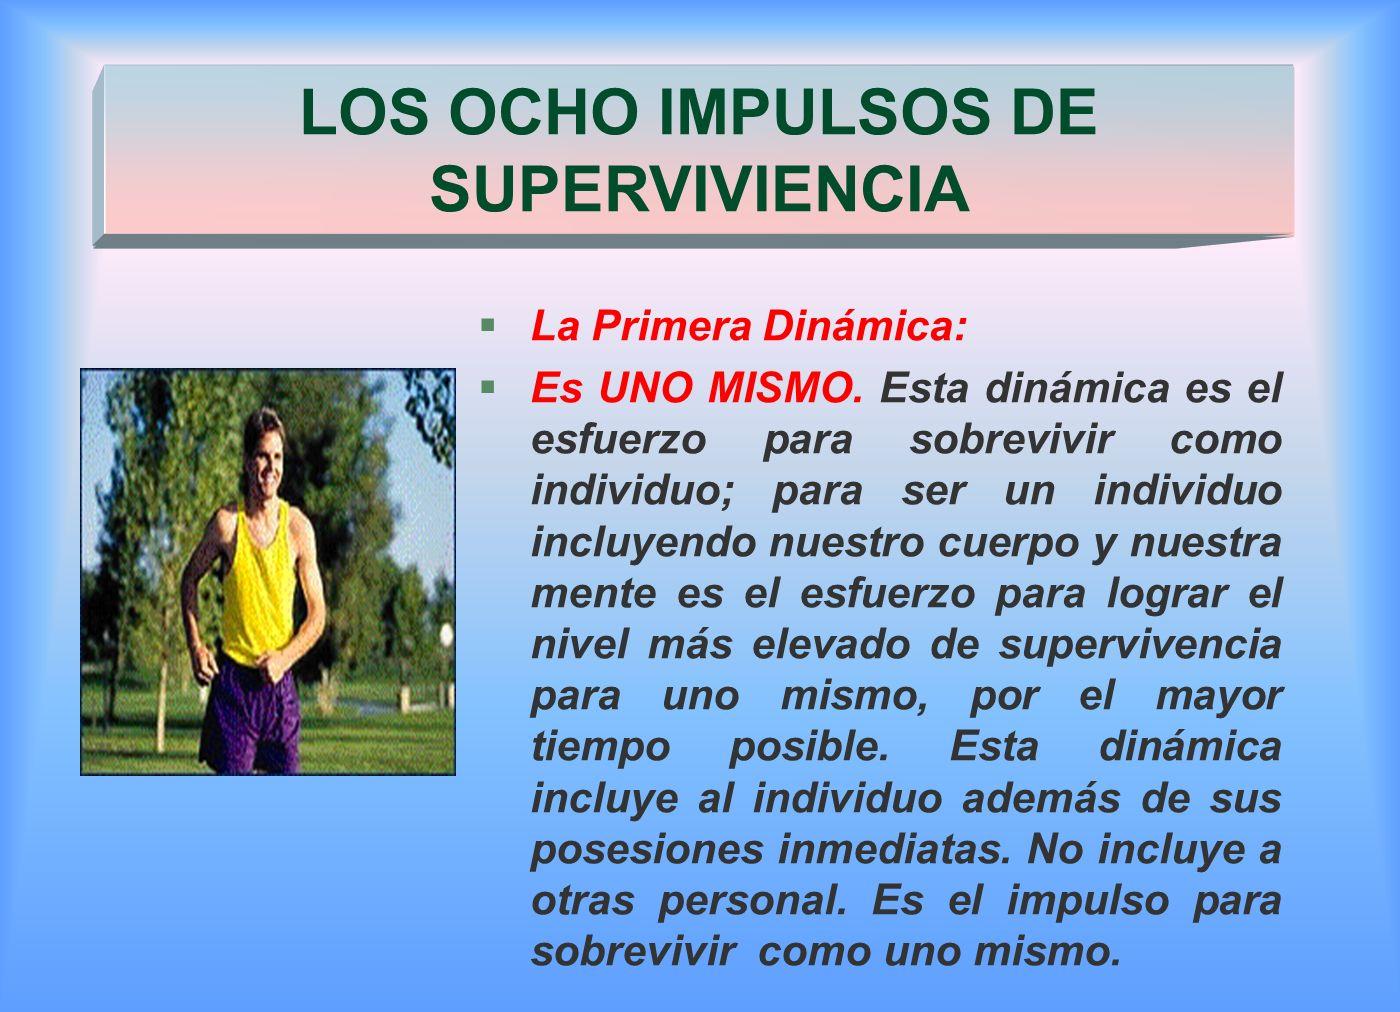 LOS OCHO IMPULSOS DE SUPERVIVIENCIA